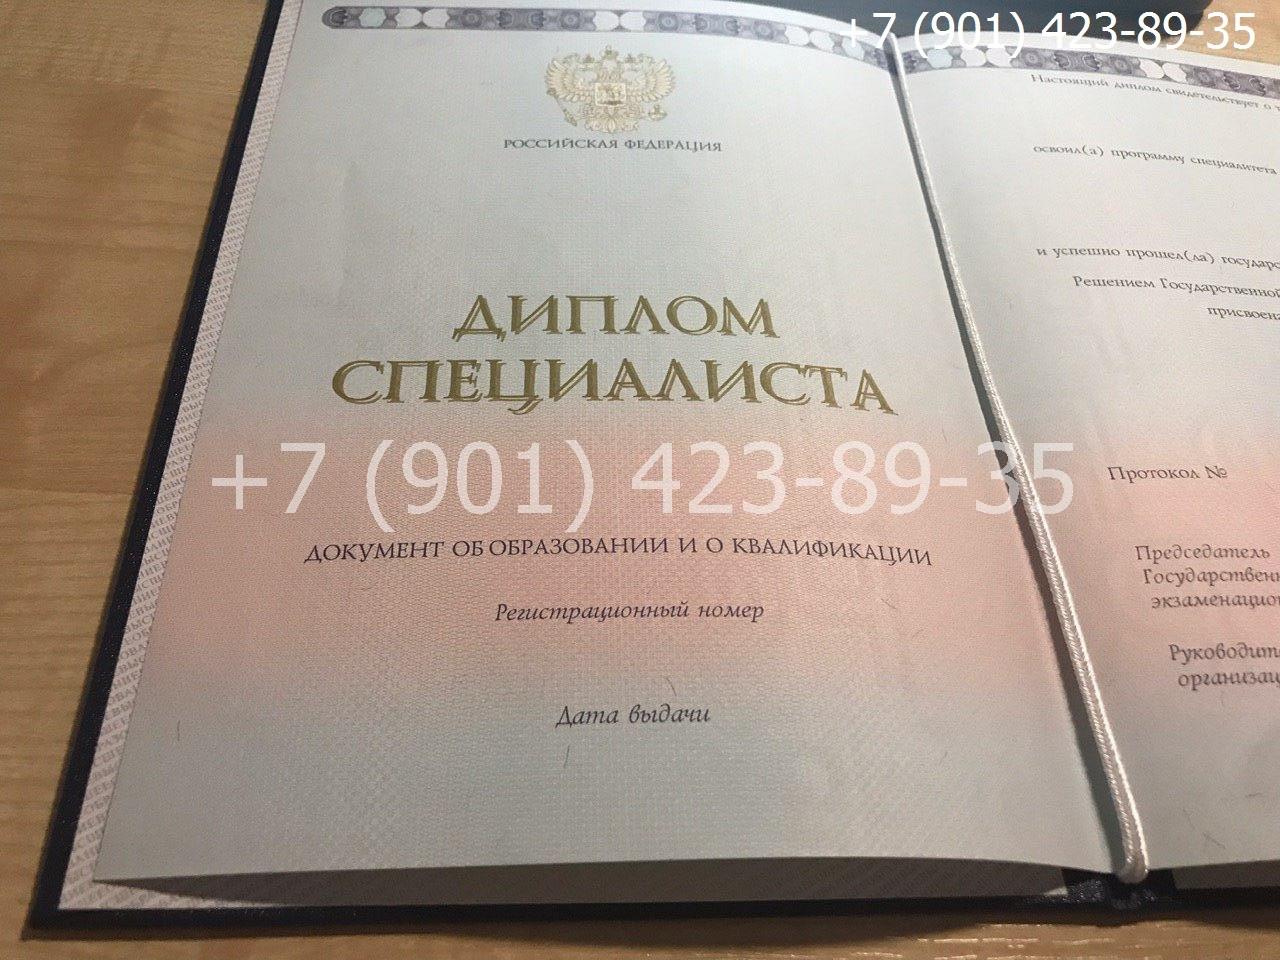 Диплом специалиста 2014-2019 годов, нового образца, титульный лист